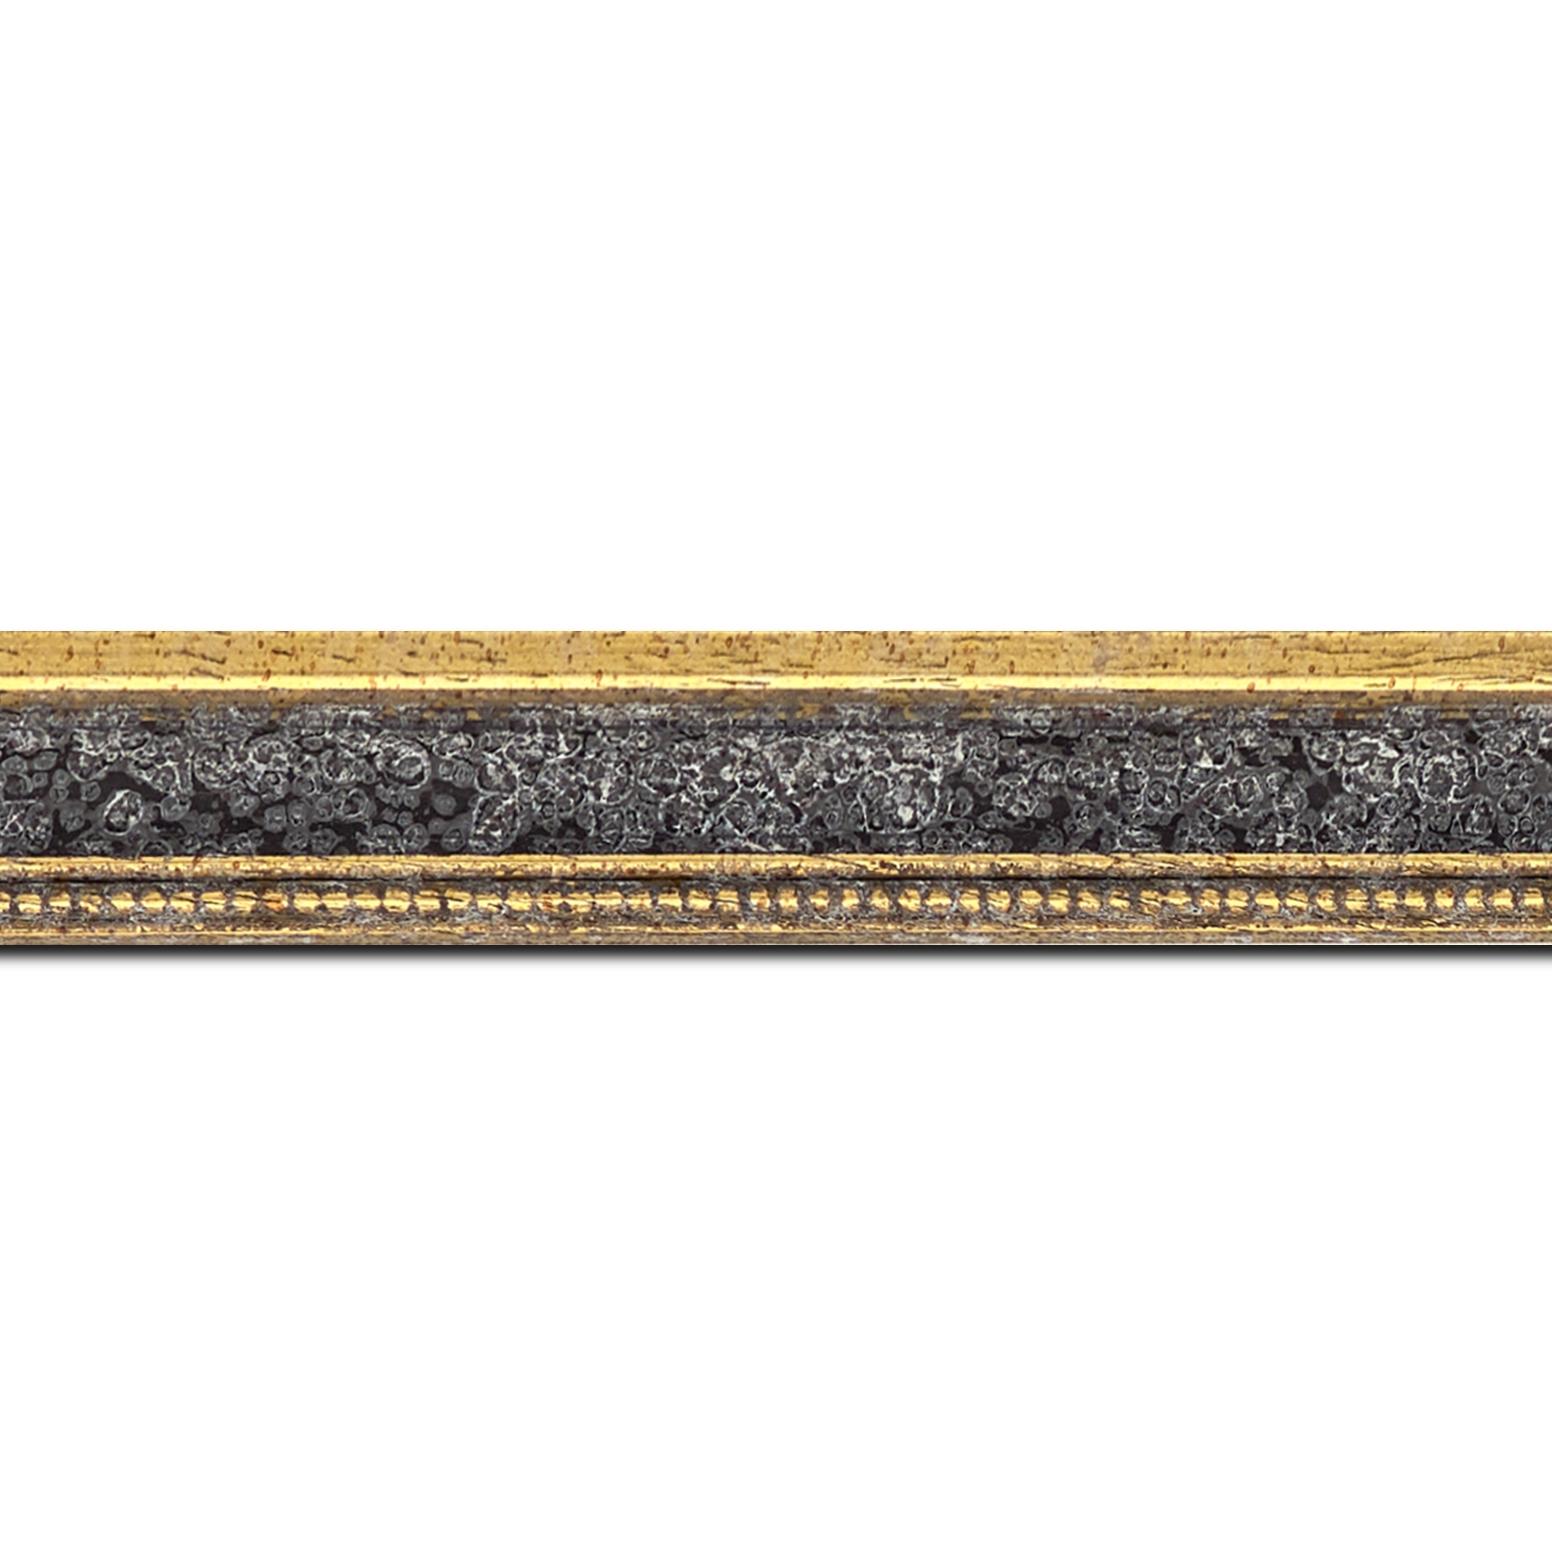 Pack par 12m, bois profil incuvé largeur 2.4cm  or antique gorge gris vieilli filet perle or(longueur baguette pouvant varier entre 2.40m et 3m selon arrivage des bois)